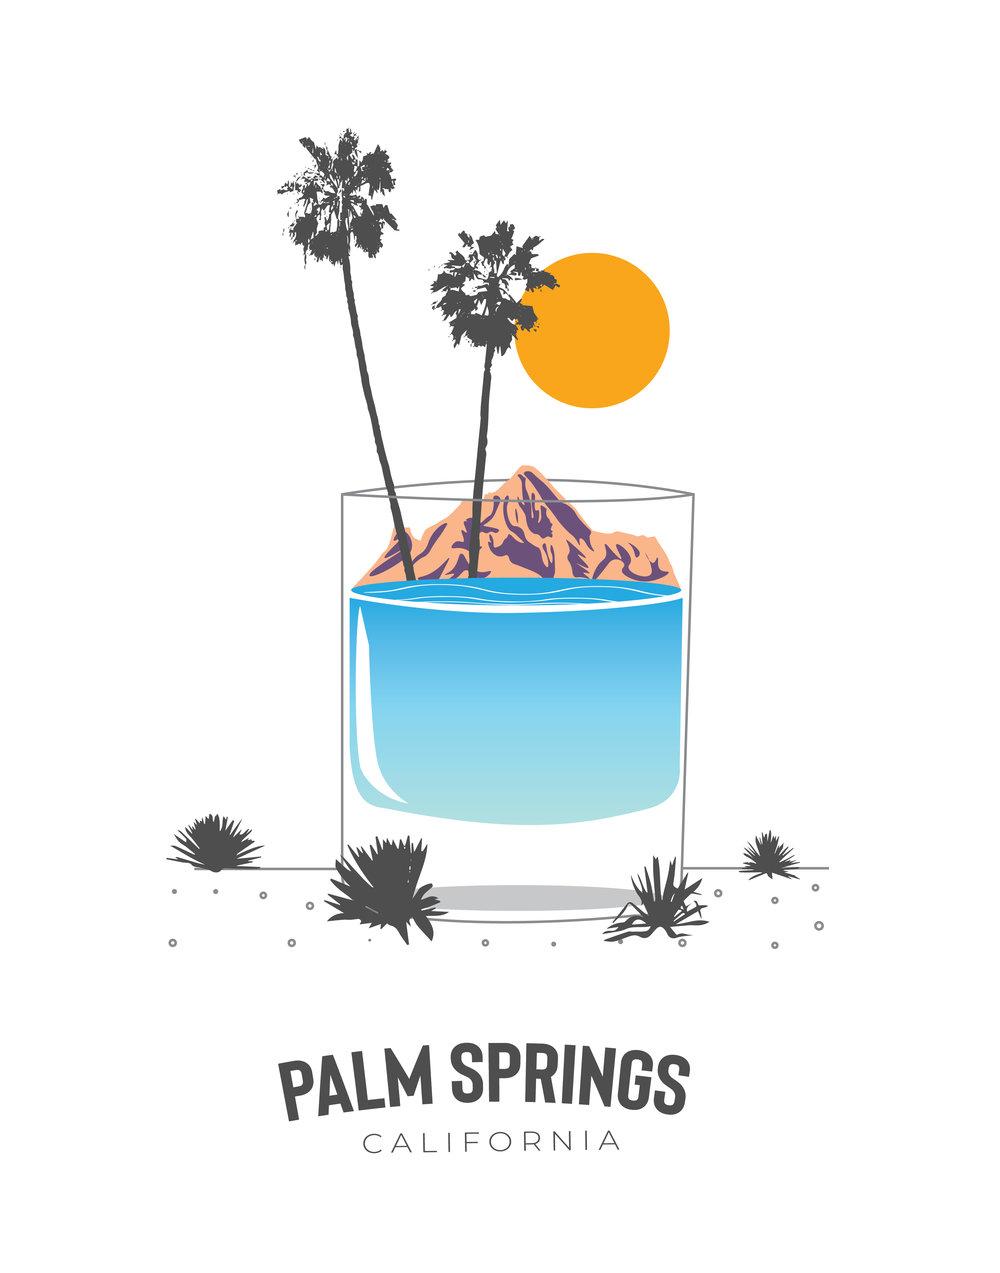 Palmsprings-01.jpg